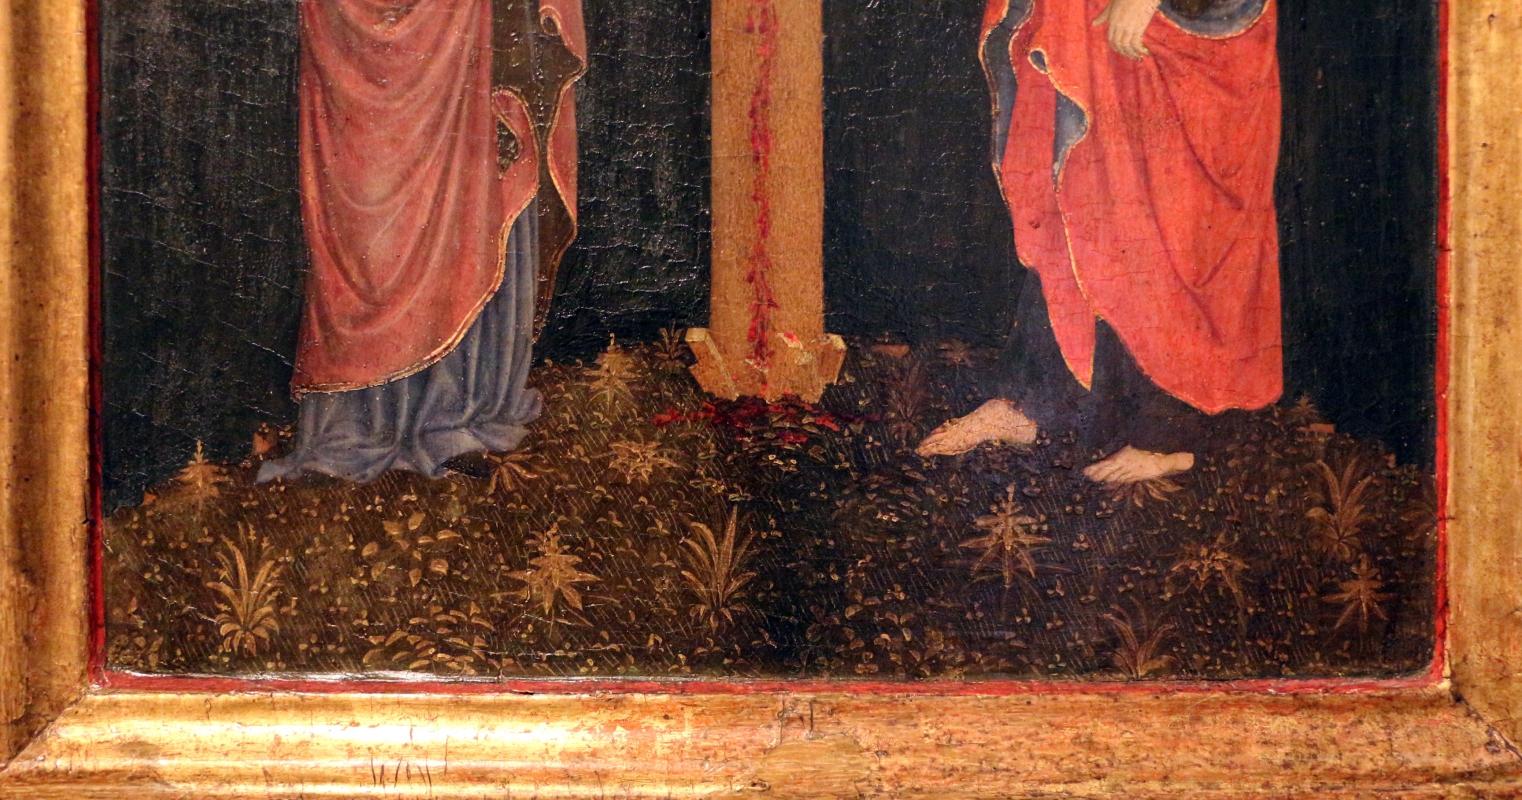 Giovan francesco da rimini, crocifissione, 1450-70 ca. 03 prato - Sailko - Ferrara (FE)